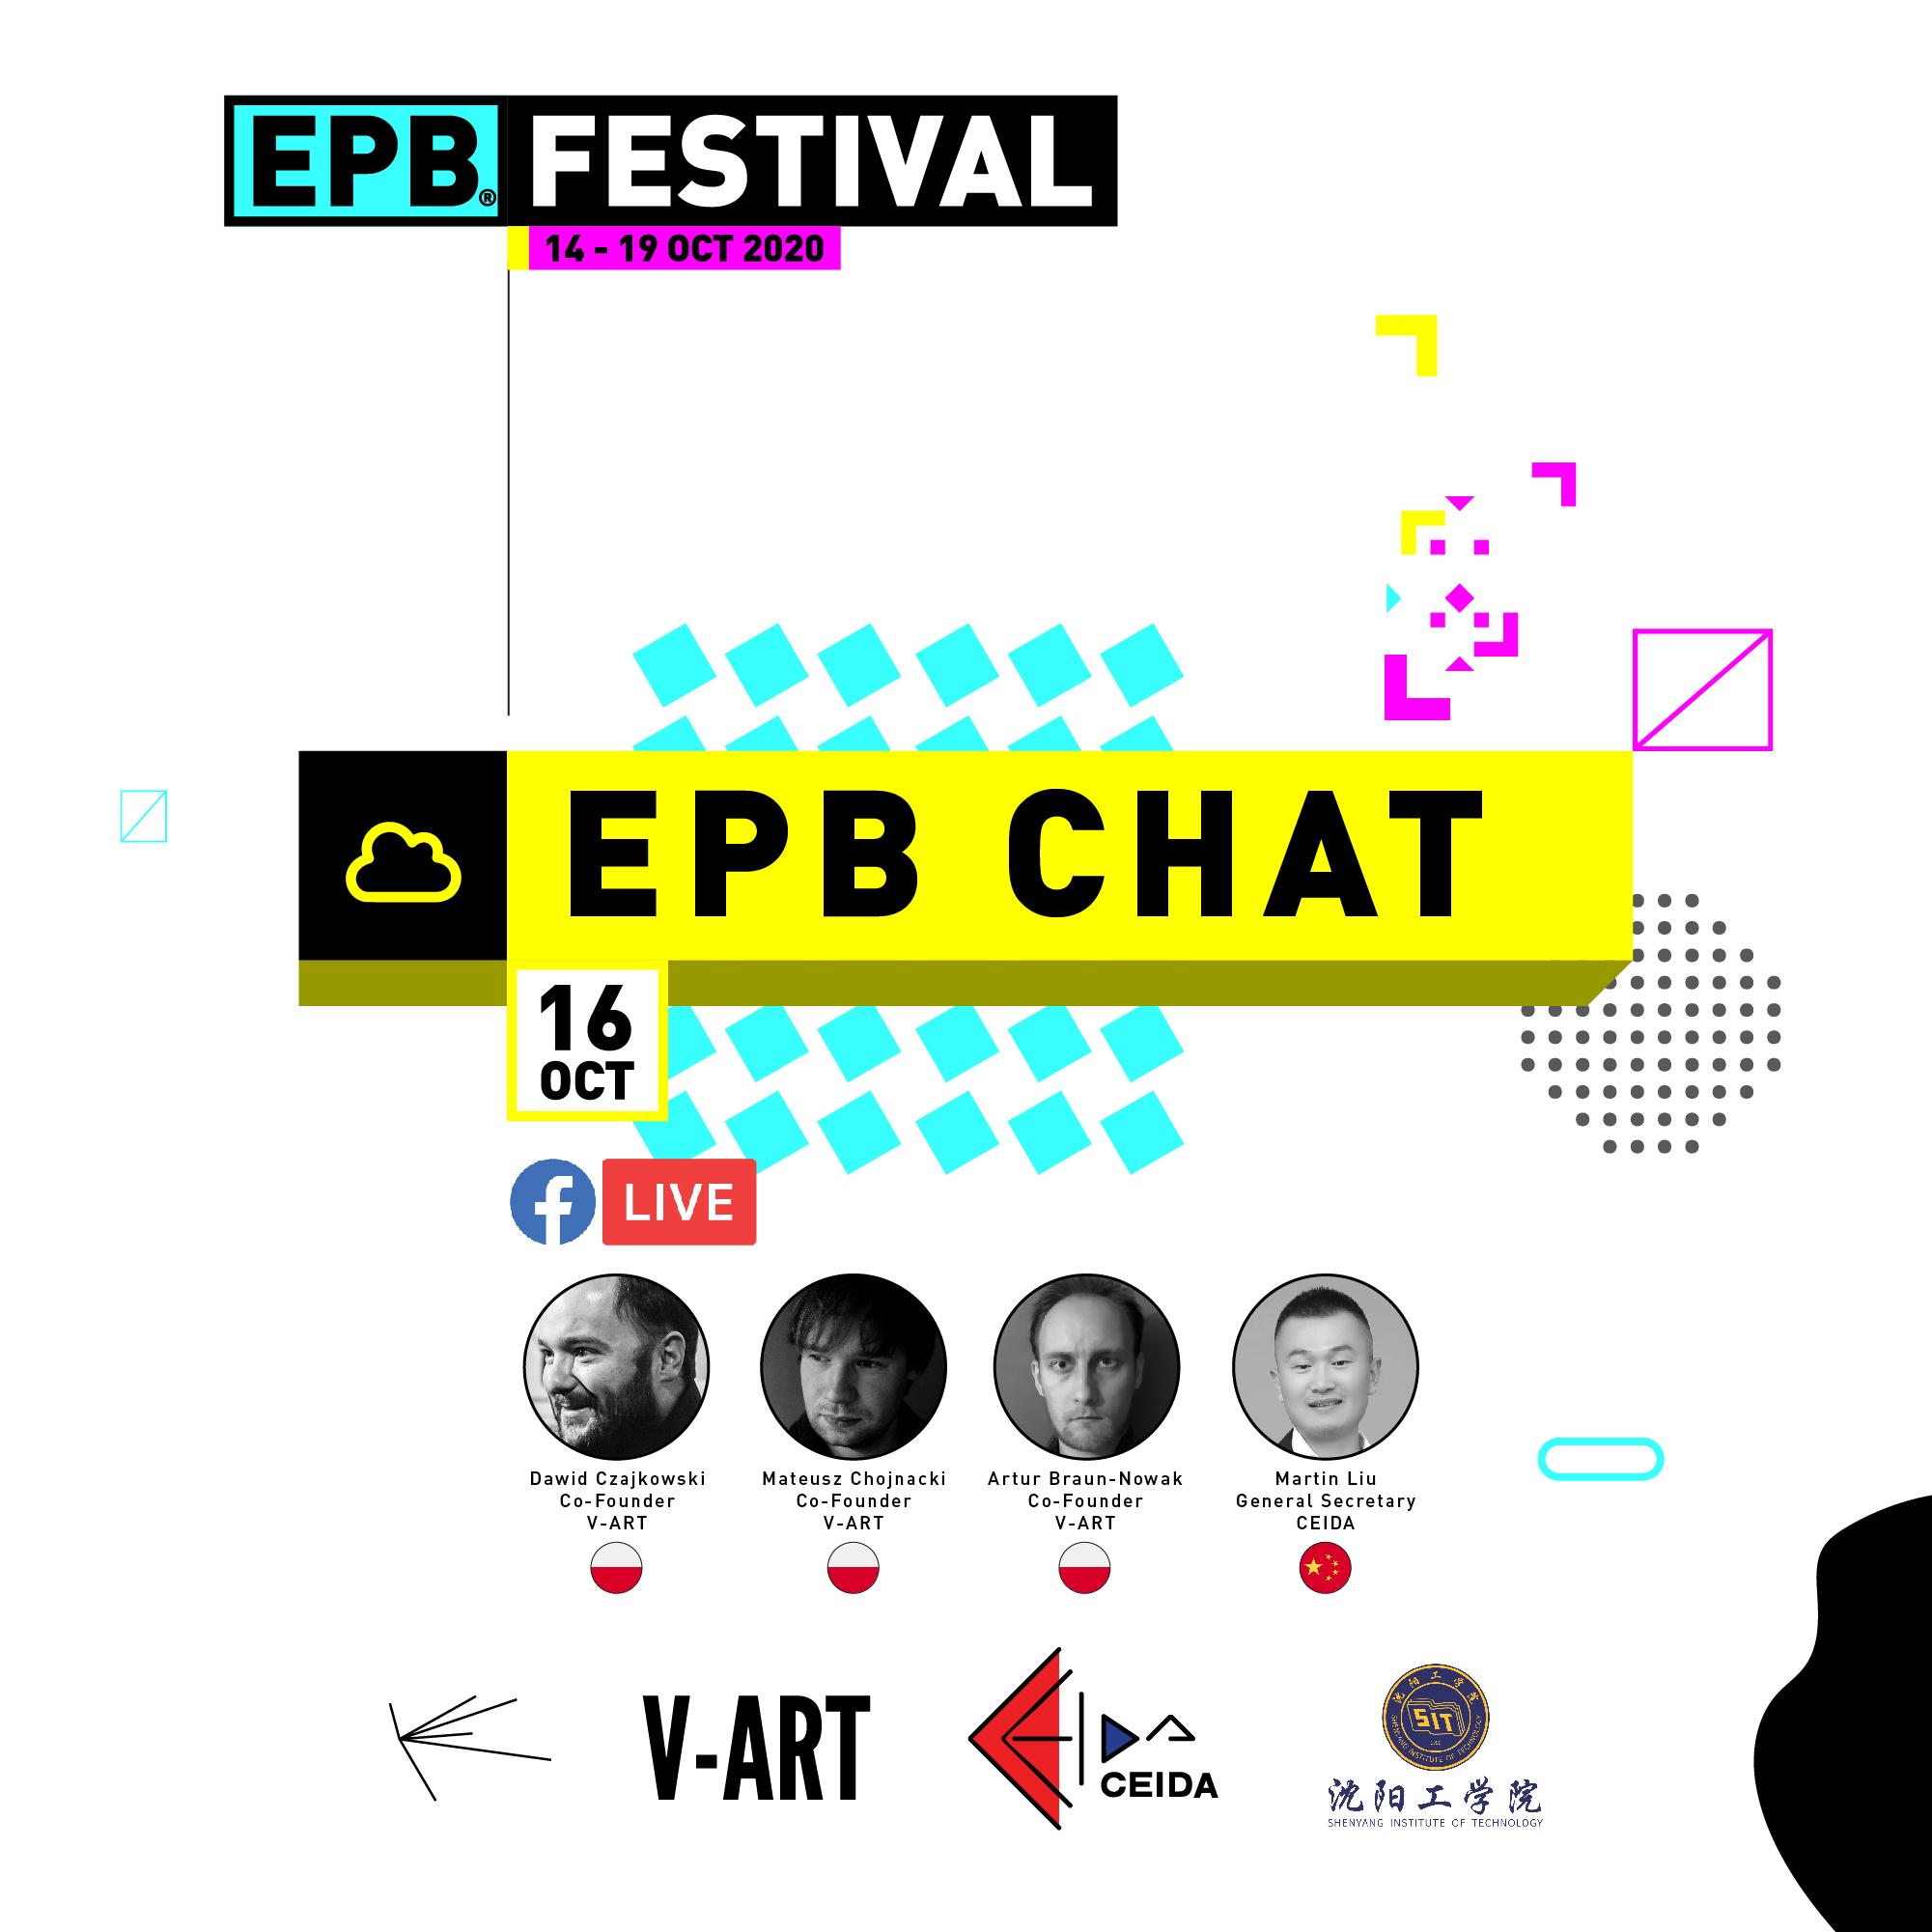 EPBFESTIVAL 16 OCT